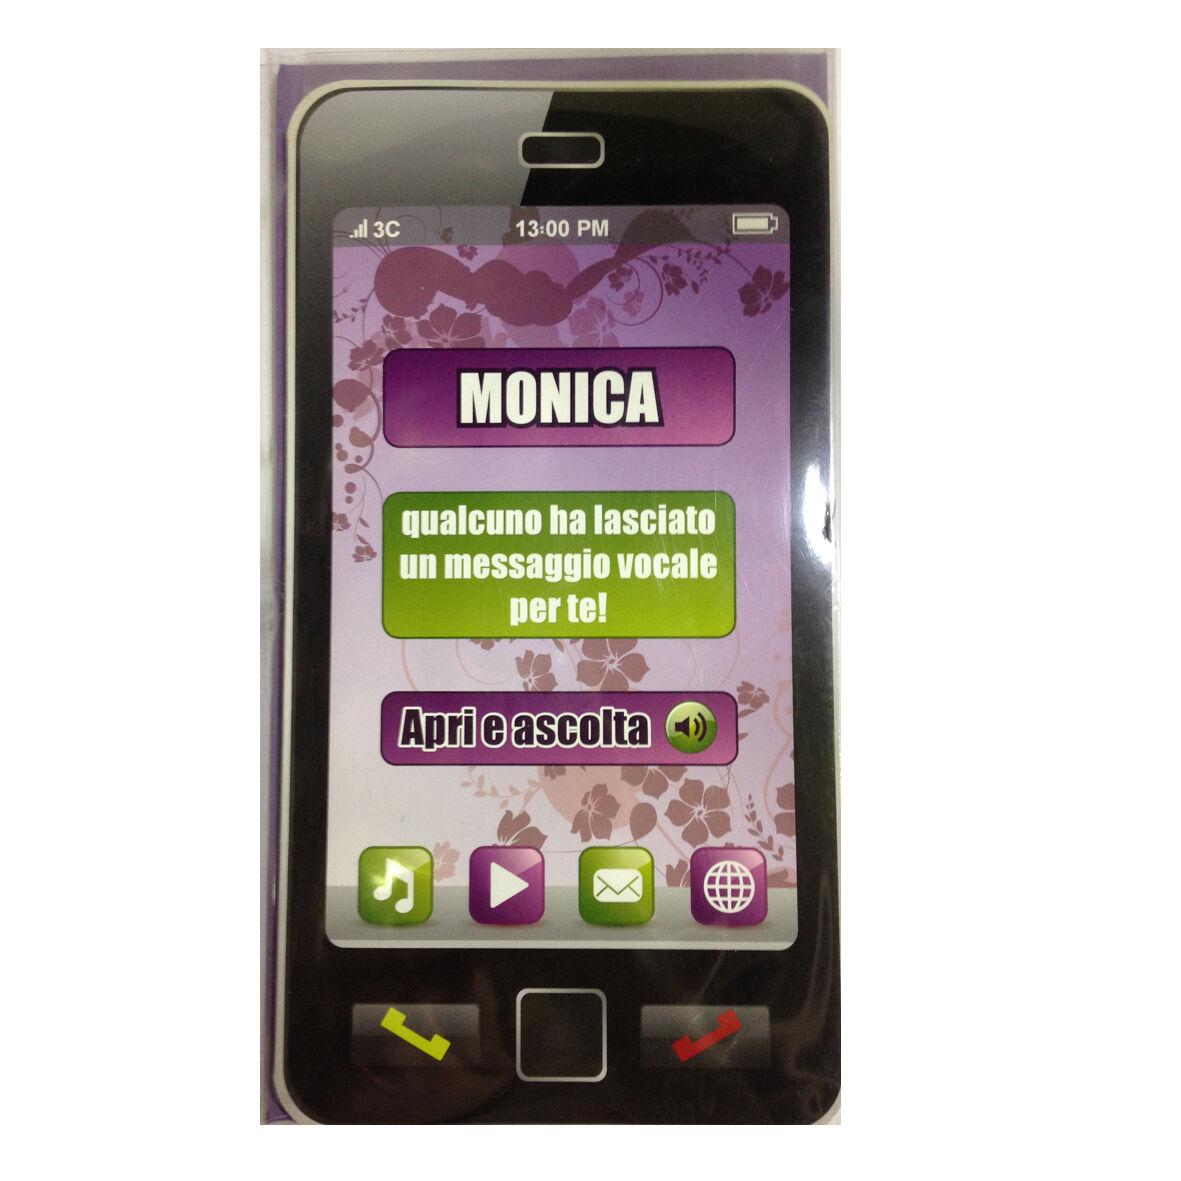 COMPLEANNO biglietto musicale a telefono squilla segreteria nome MONICA